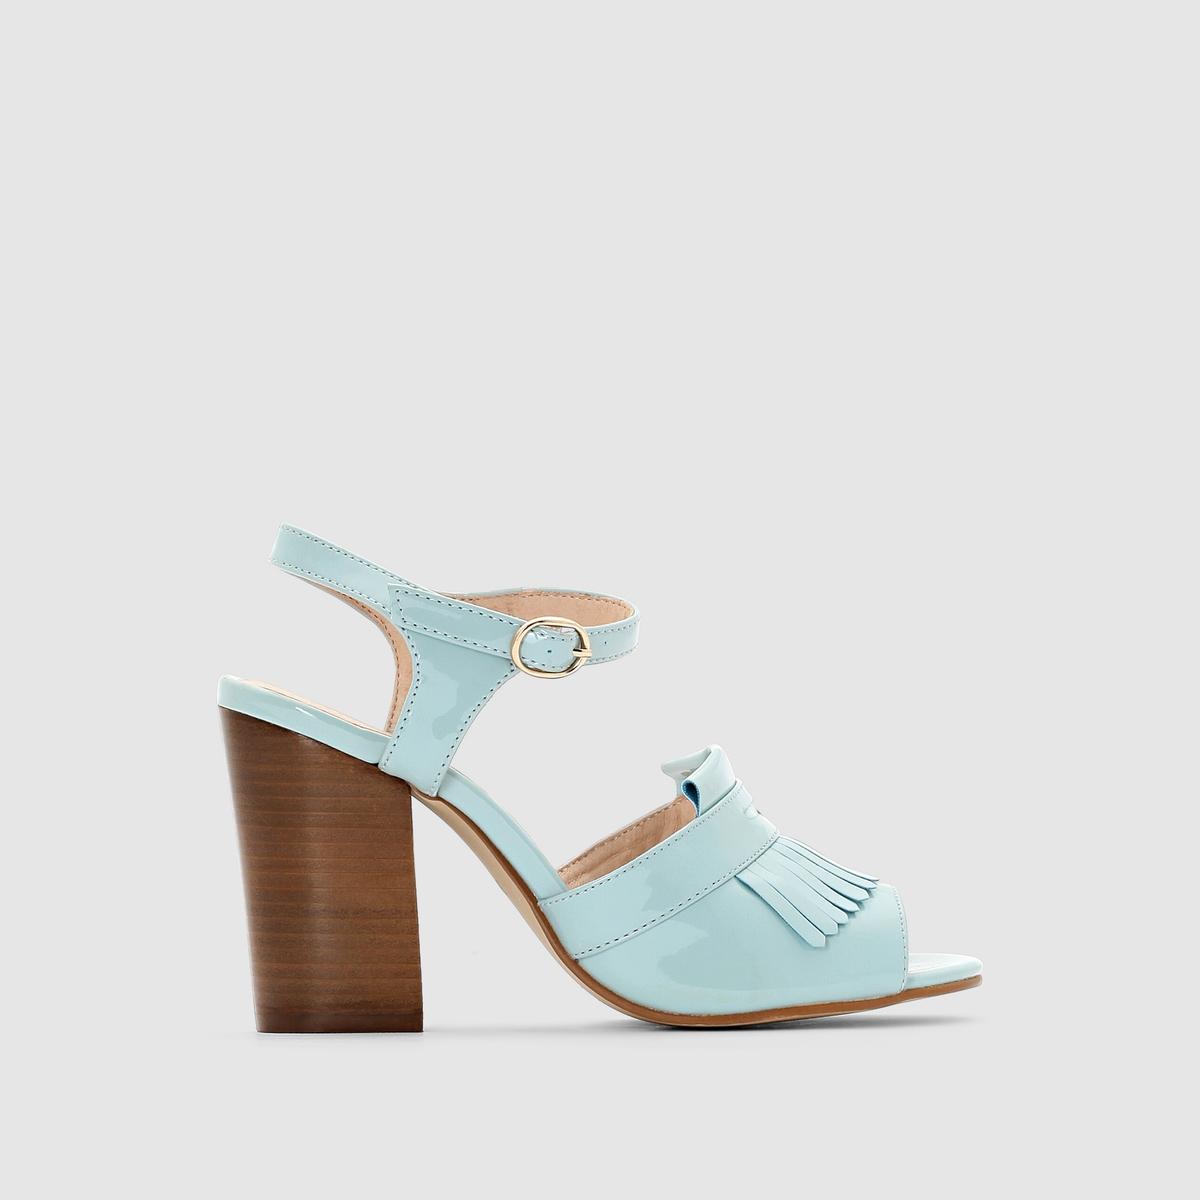 Босоножки на высоком каблуке MADEMOISELLE RОцените комфорт и стильную бахрому модели. Застежка на ремешок.<br><br>Цвет: небесно-голубой,розовый<br>Размер: 35.39